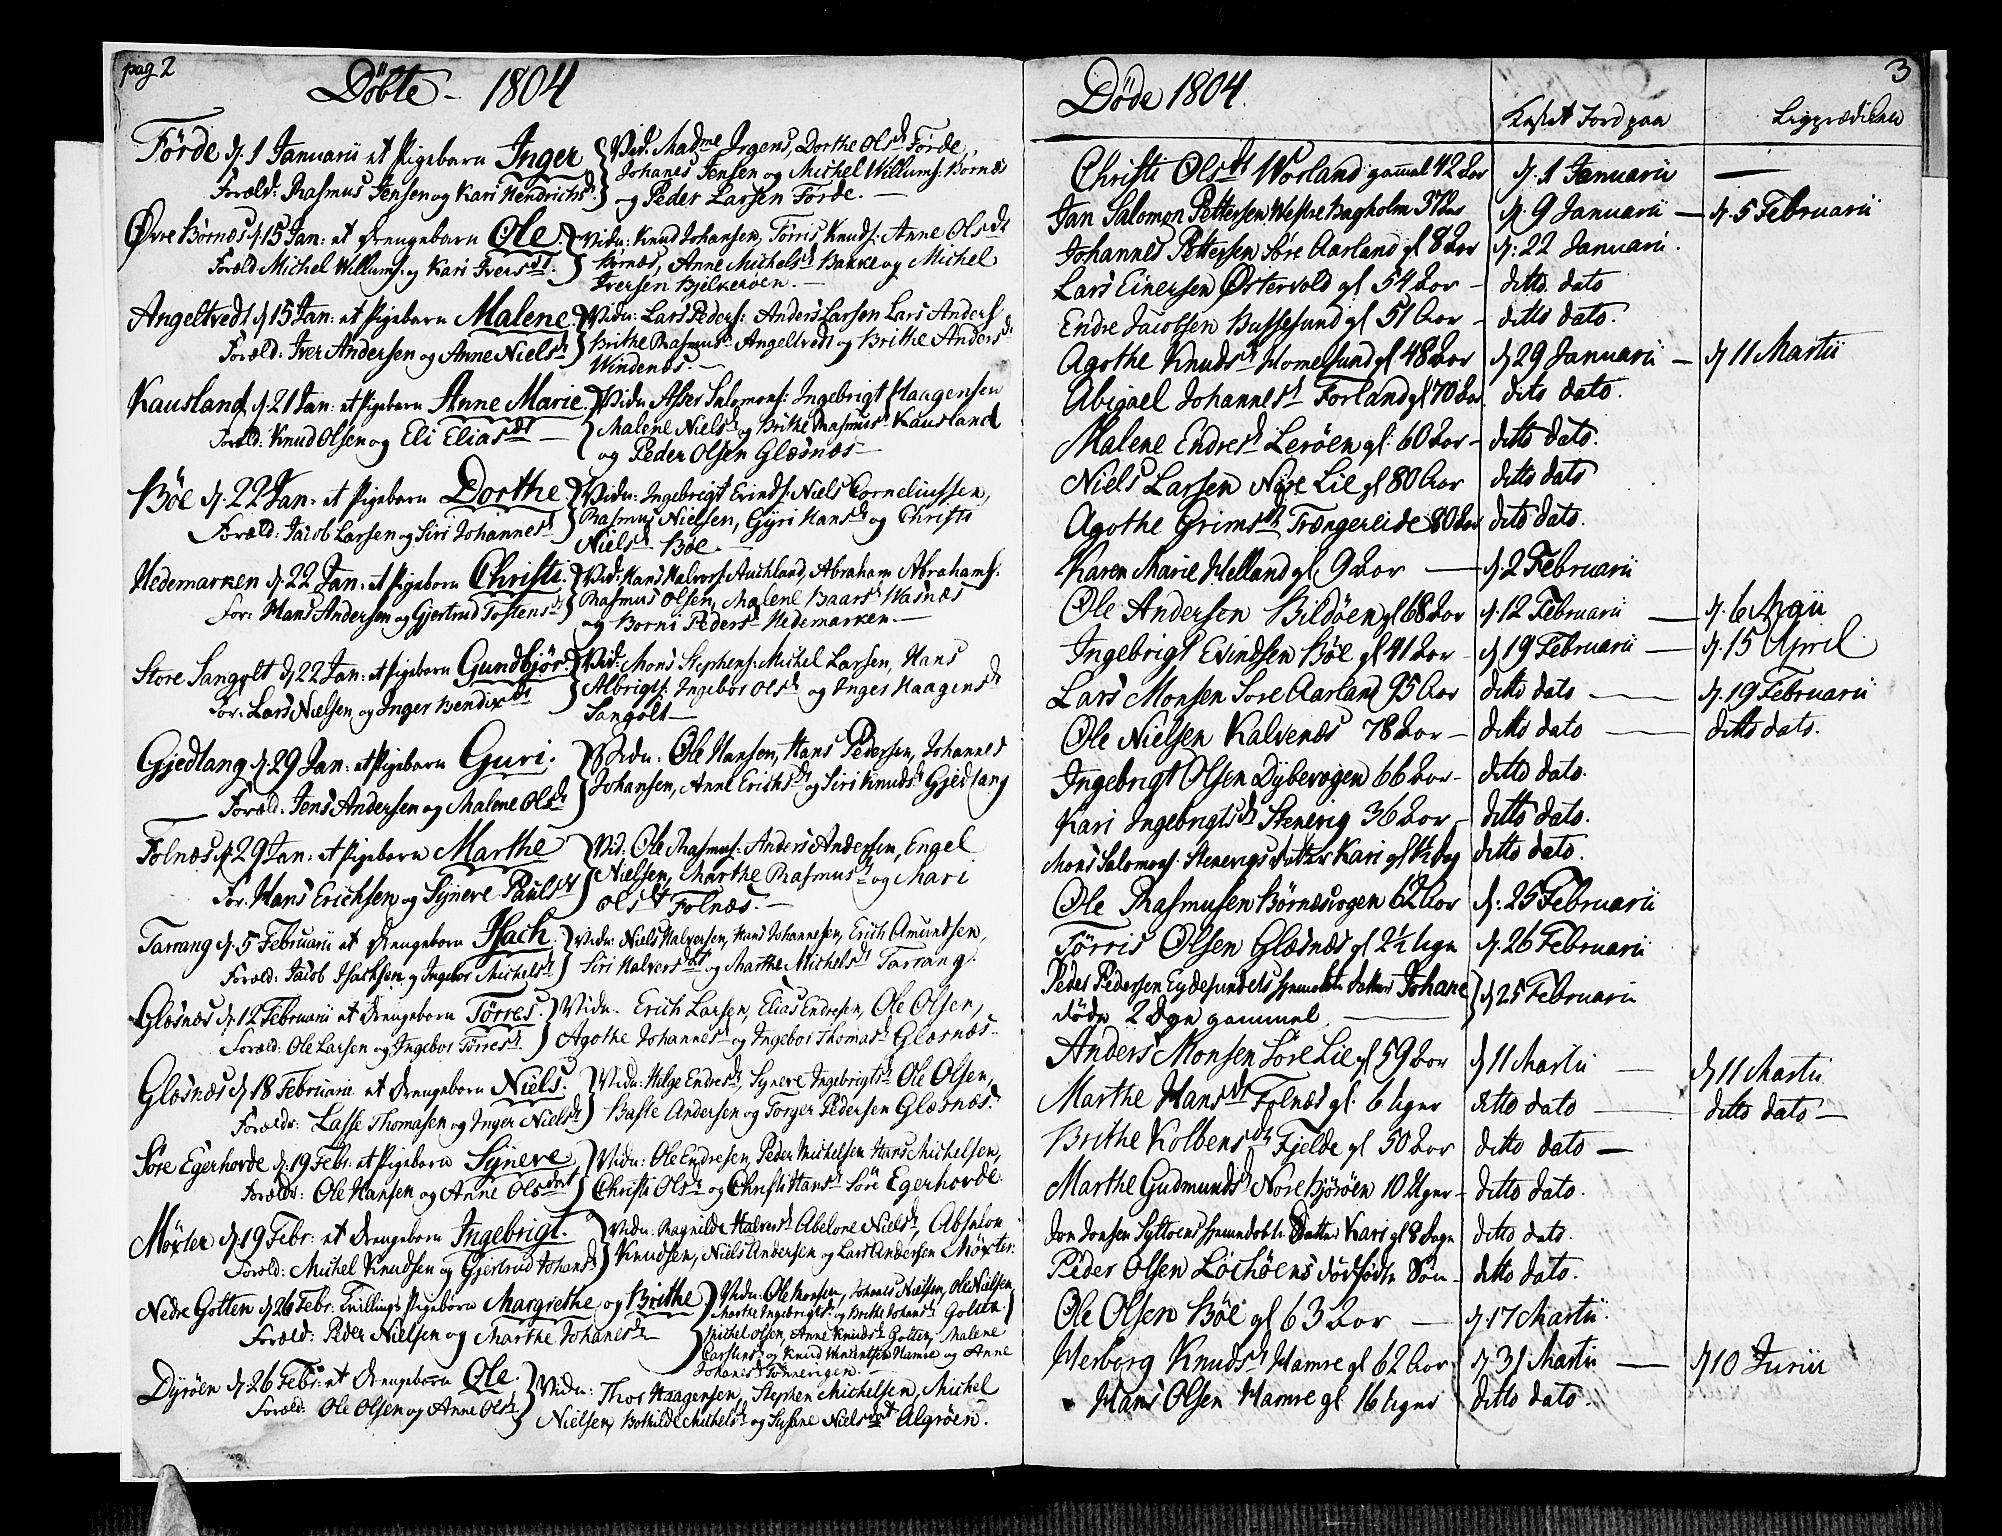 SAB, Sund sokneprestembete, Ministerialbok nr. A 10, 1804-1818, s. 2-3